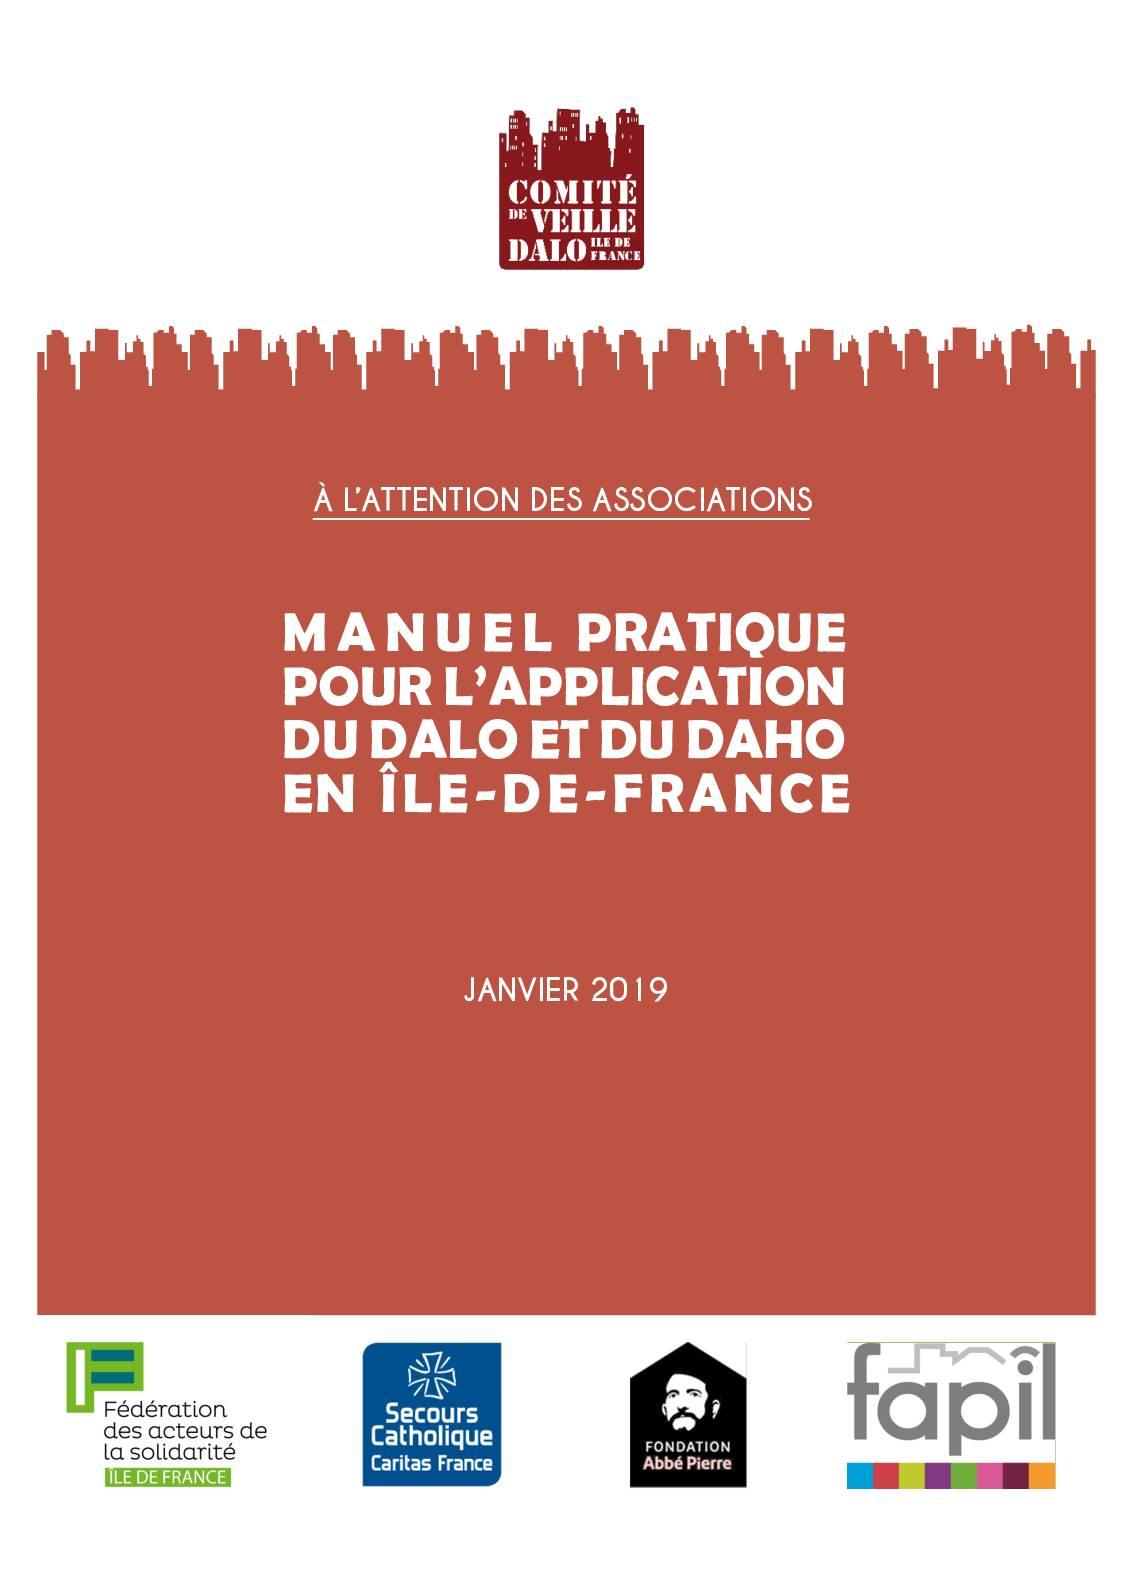 Manuel pratique pour l'application du DAHO et du DALO en Ile-de-France